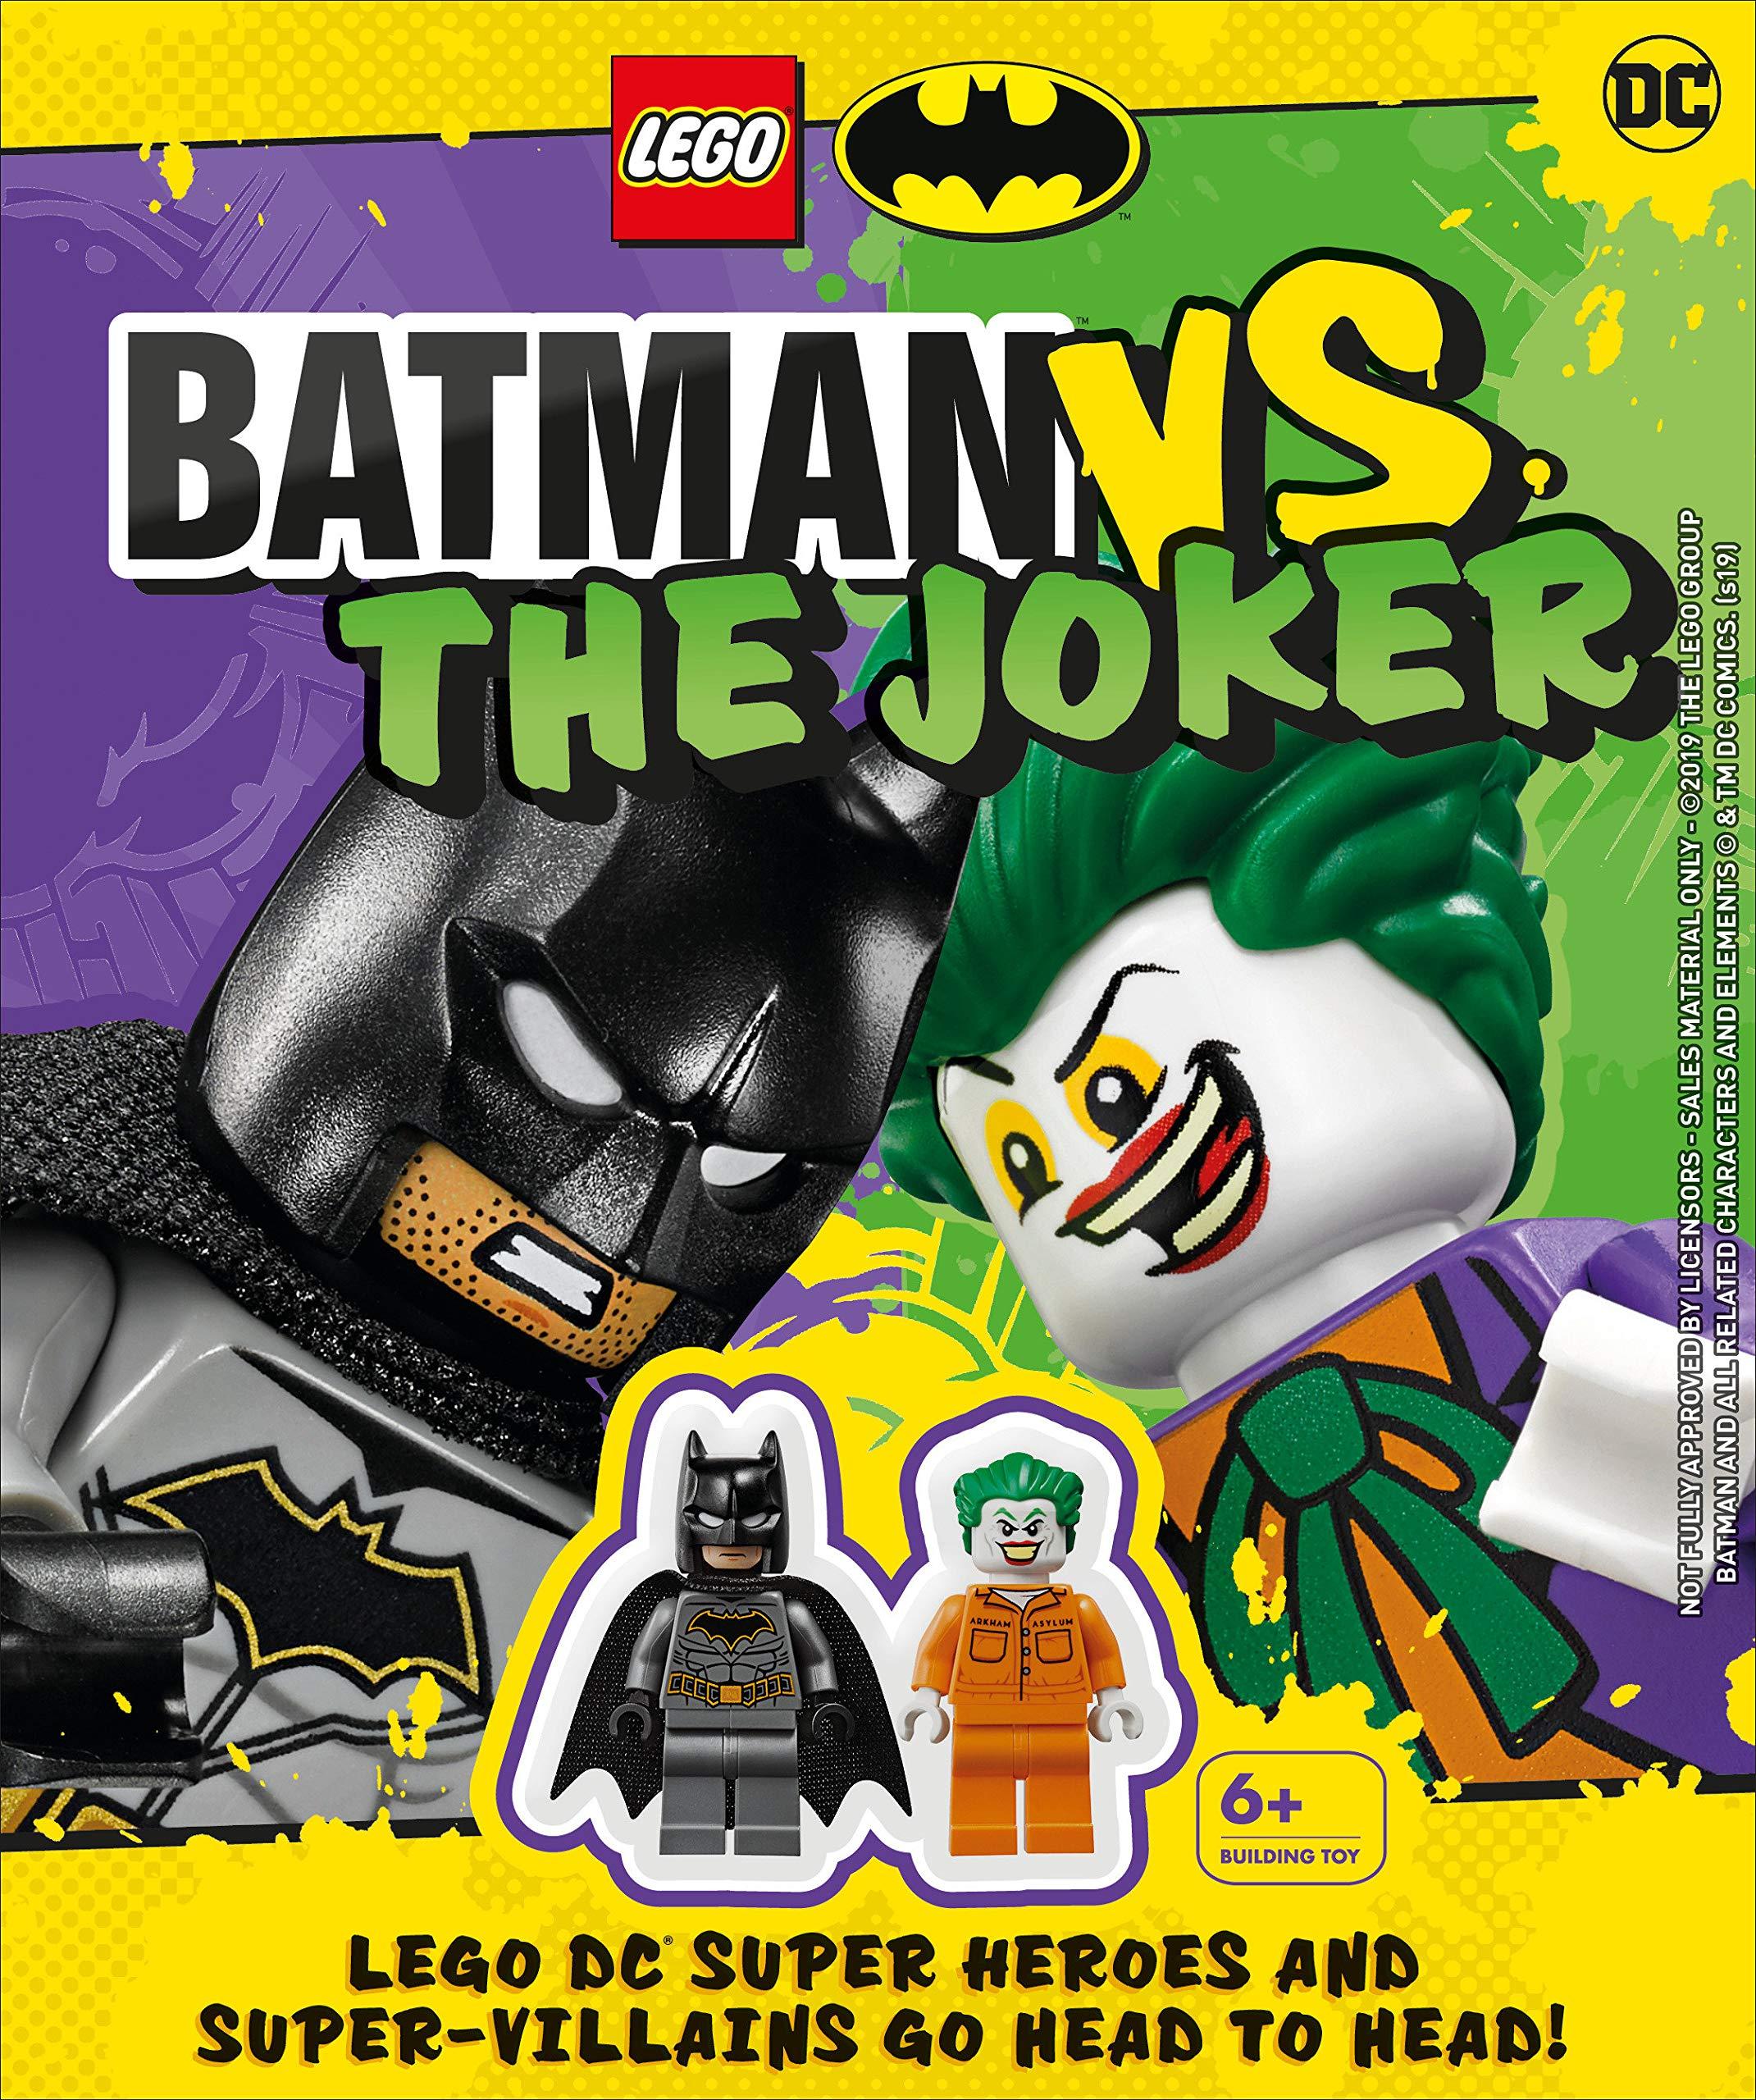 Lot of 8 DC Figure Batman Robin Joker HarleyQuinn Figures Minifigure LEGO